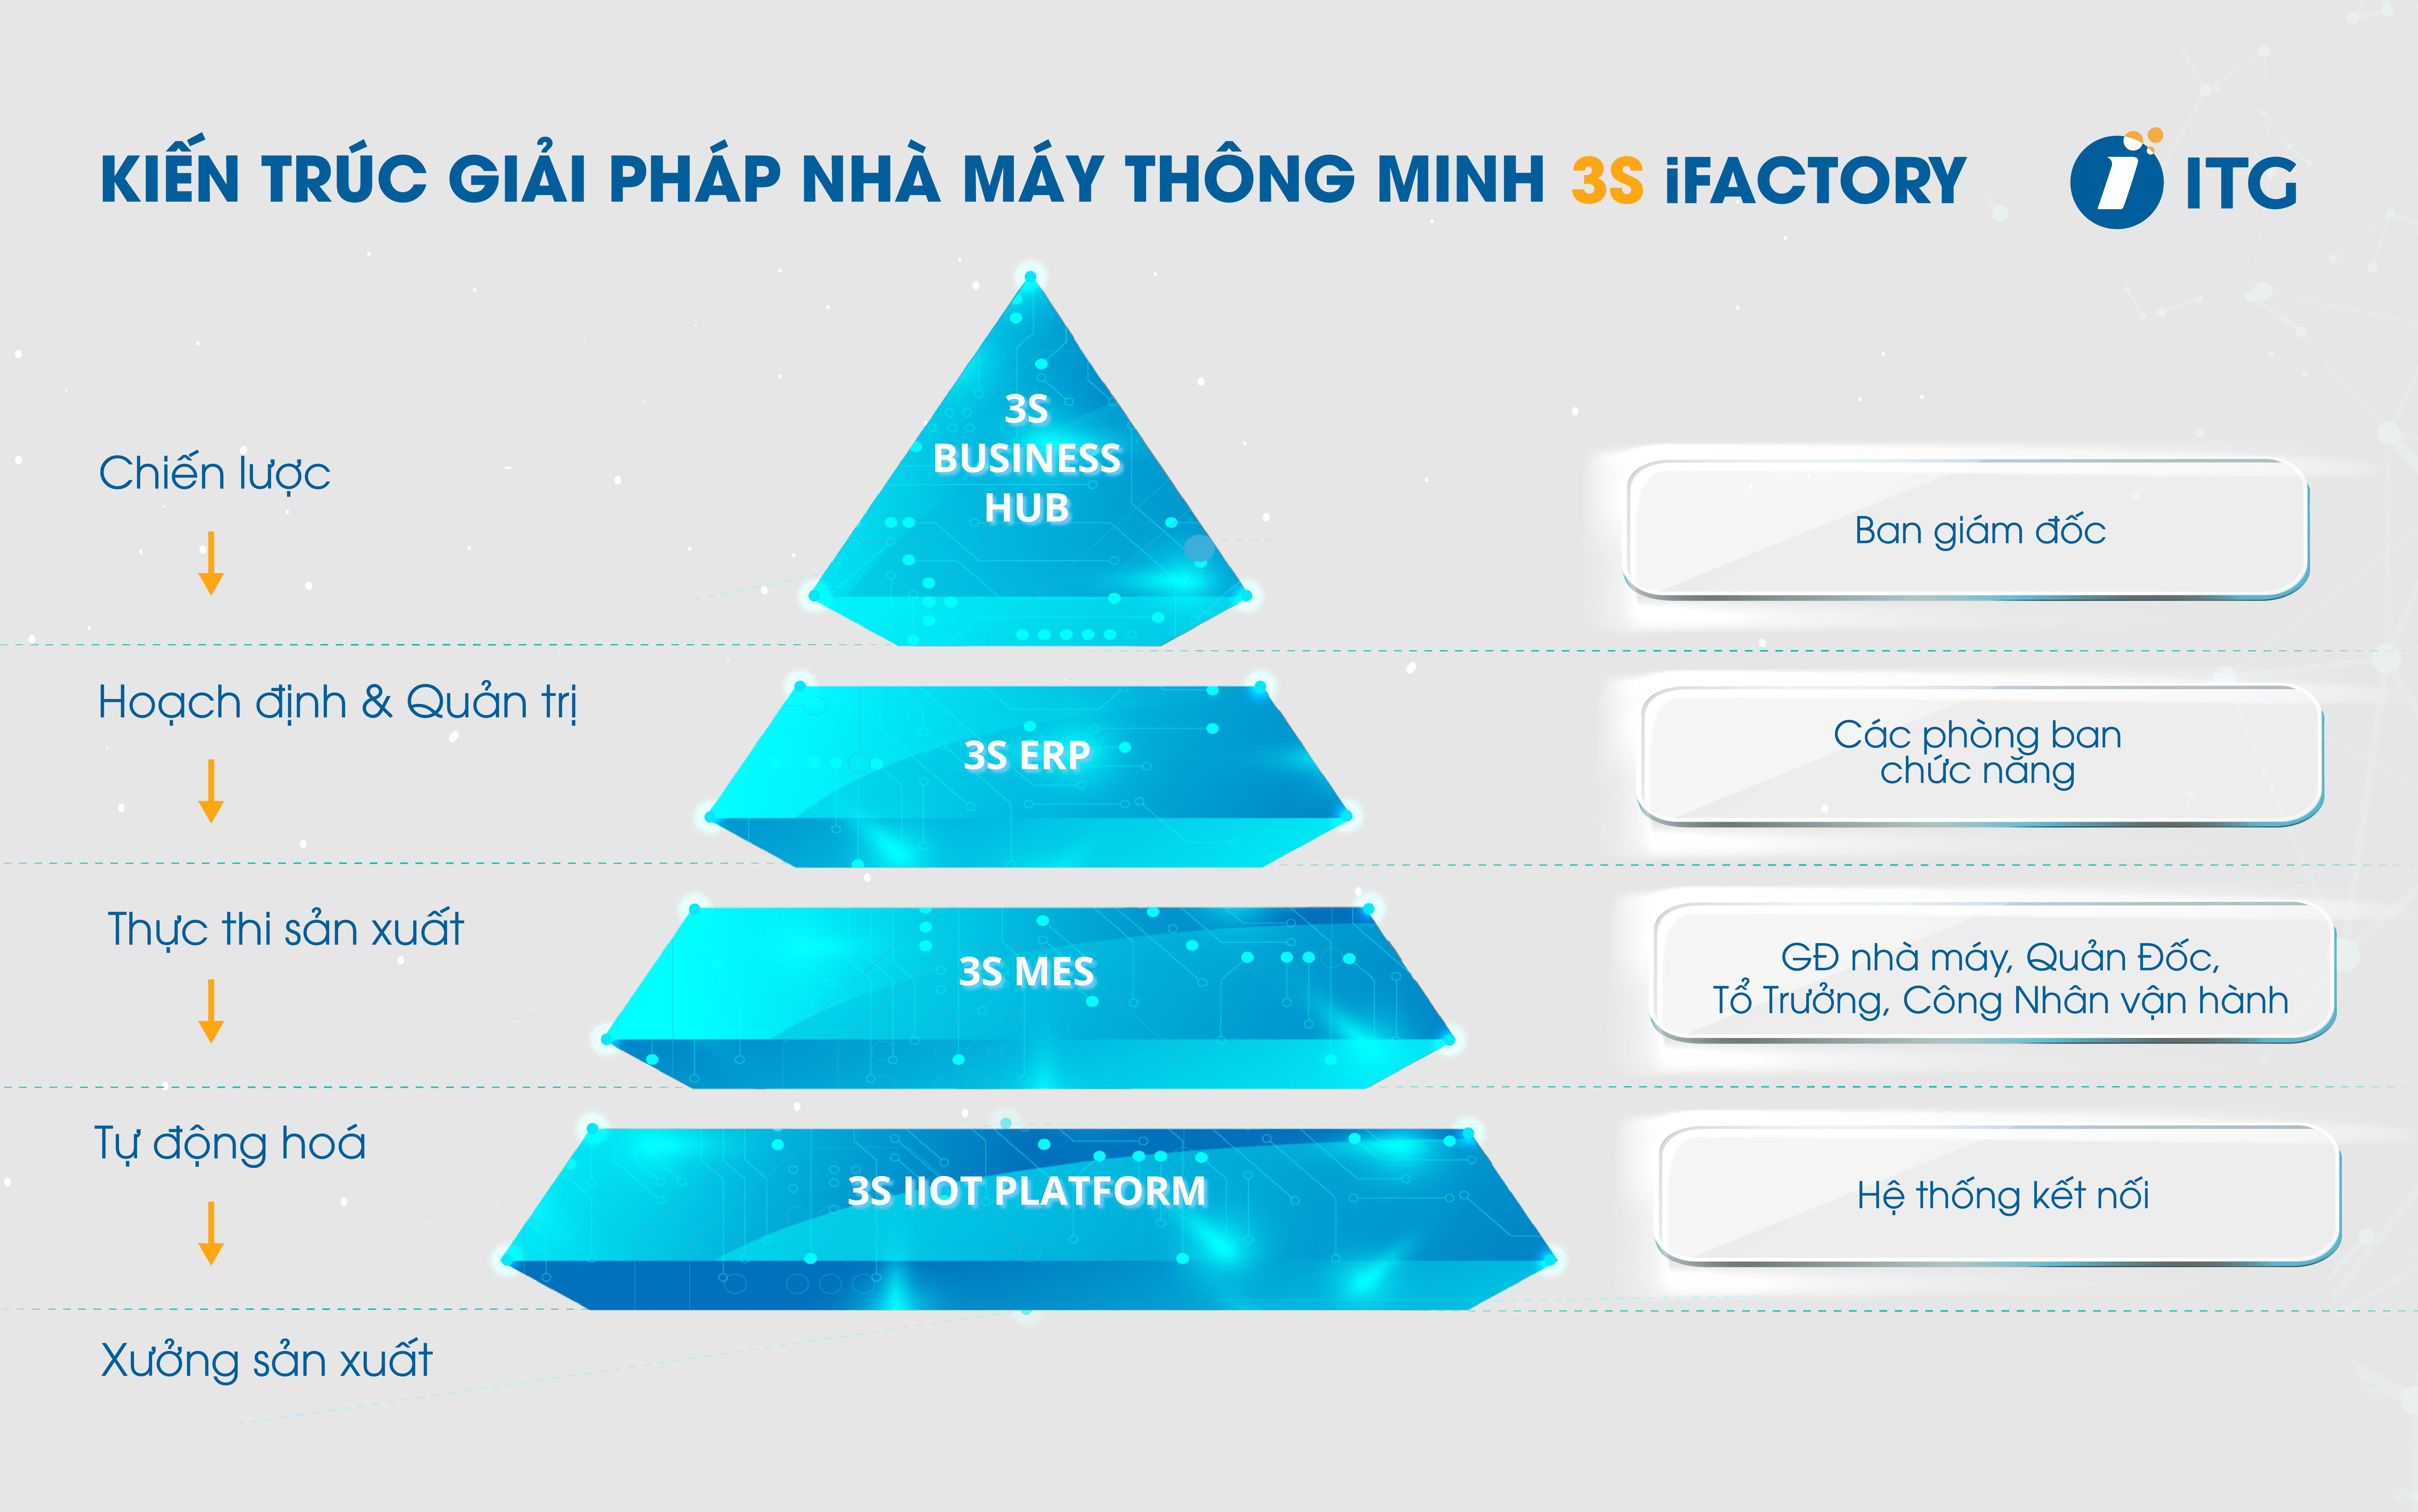 Kiến trúc giải pháp nhà máy thông minh 3S iFACTORY